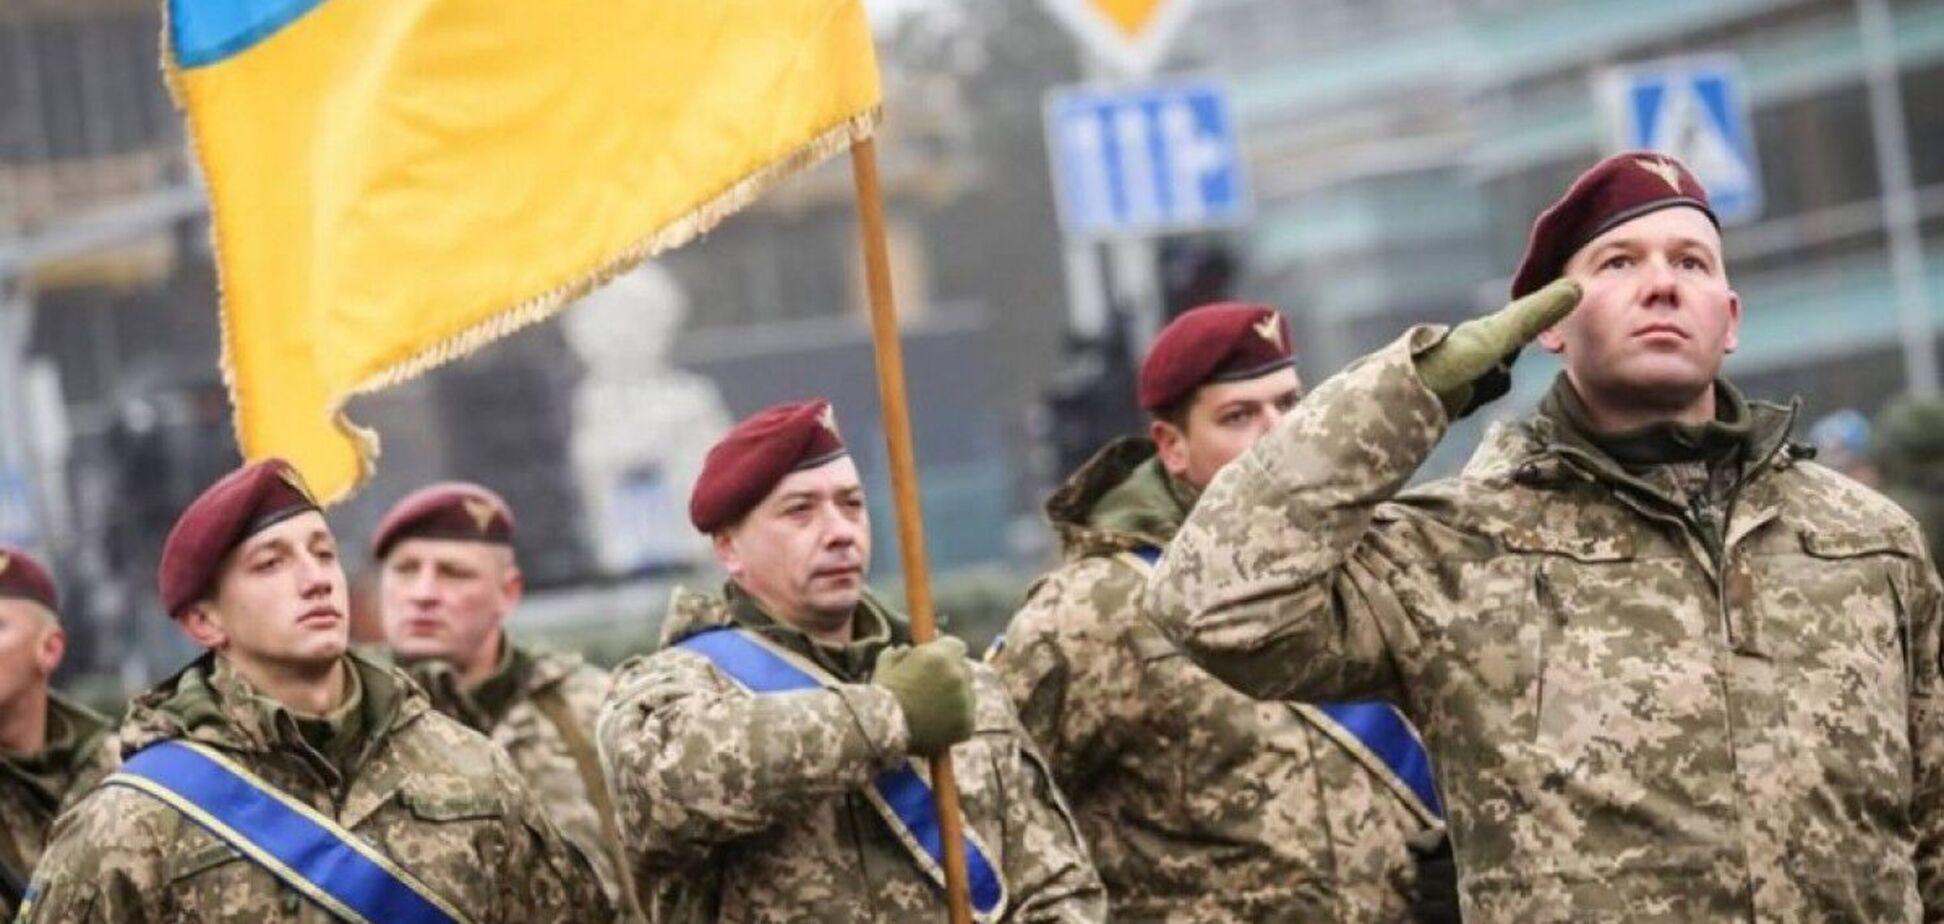 День сержанта Вооруженных сил Украины был учрежден в 2019 году